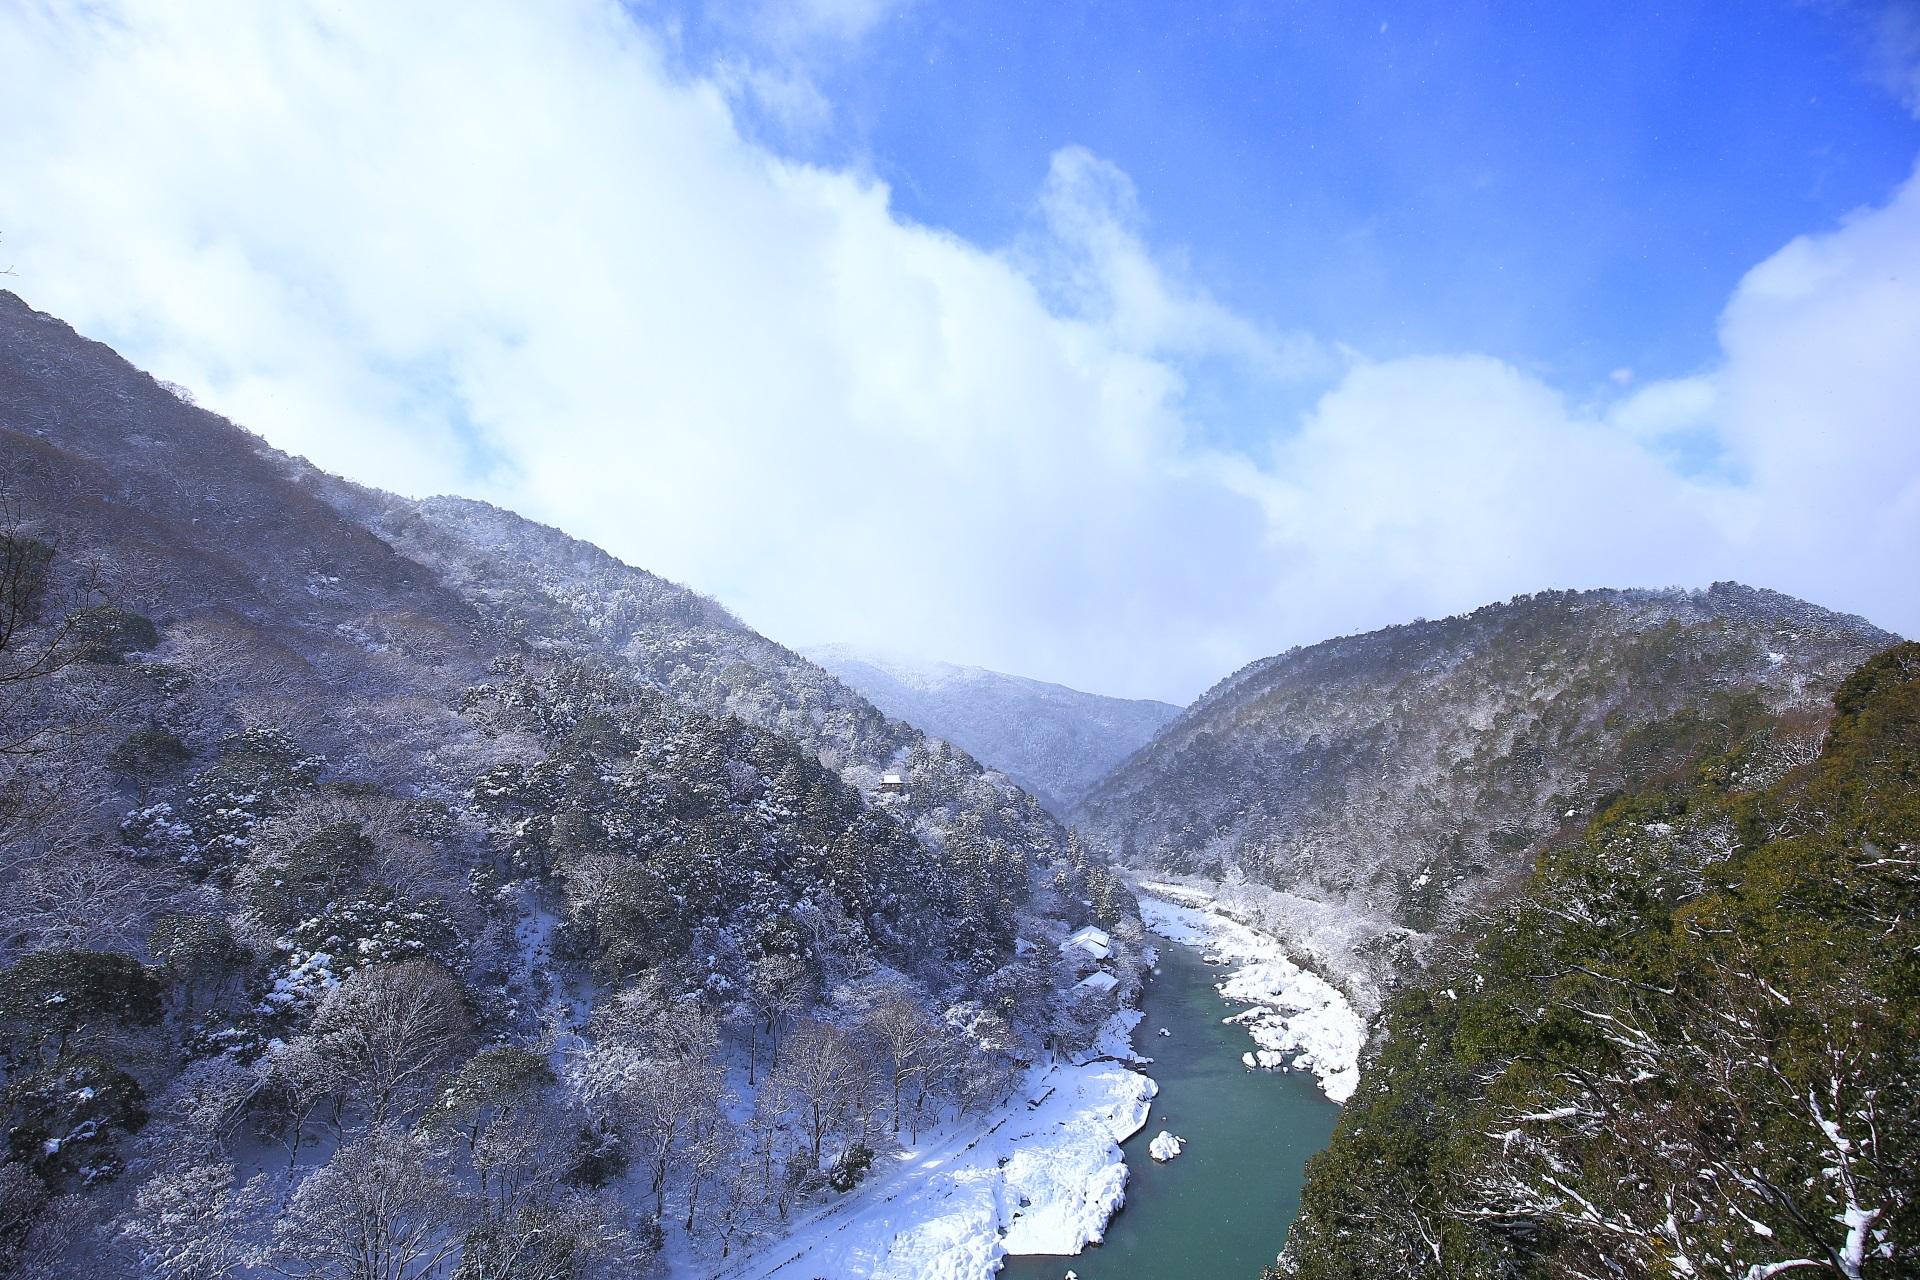 雪の落ちだした嵐山と保津峡と青空